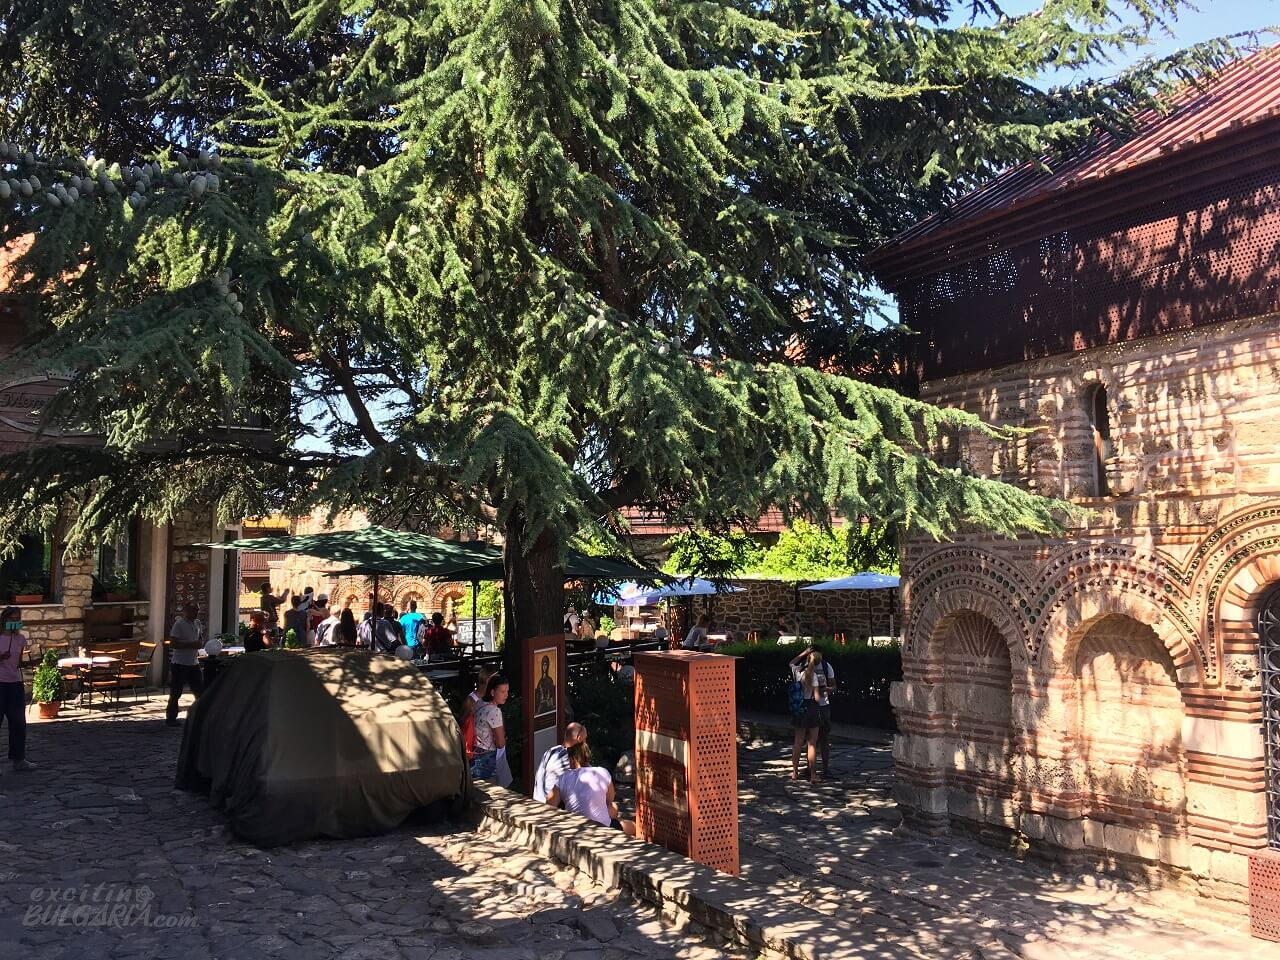 The old town of Nesebar